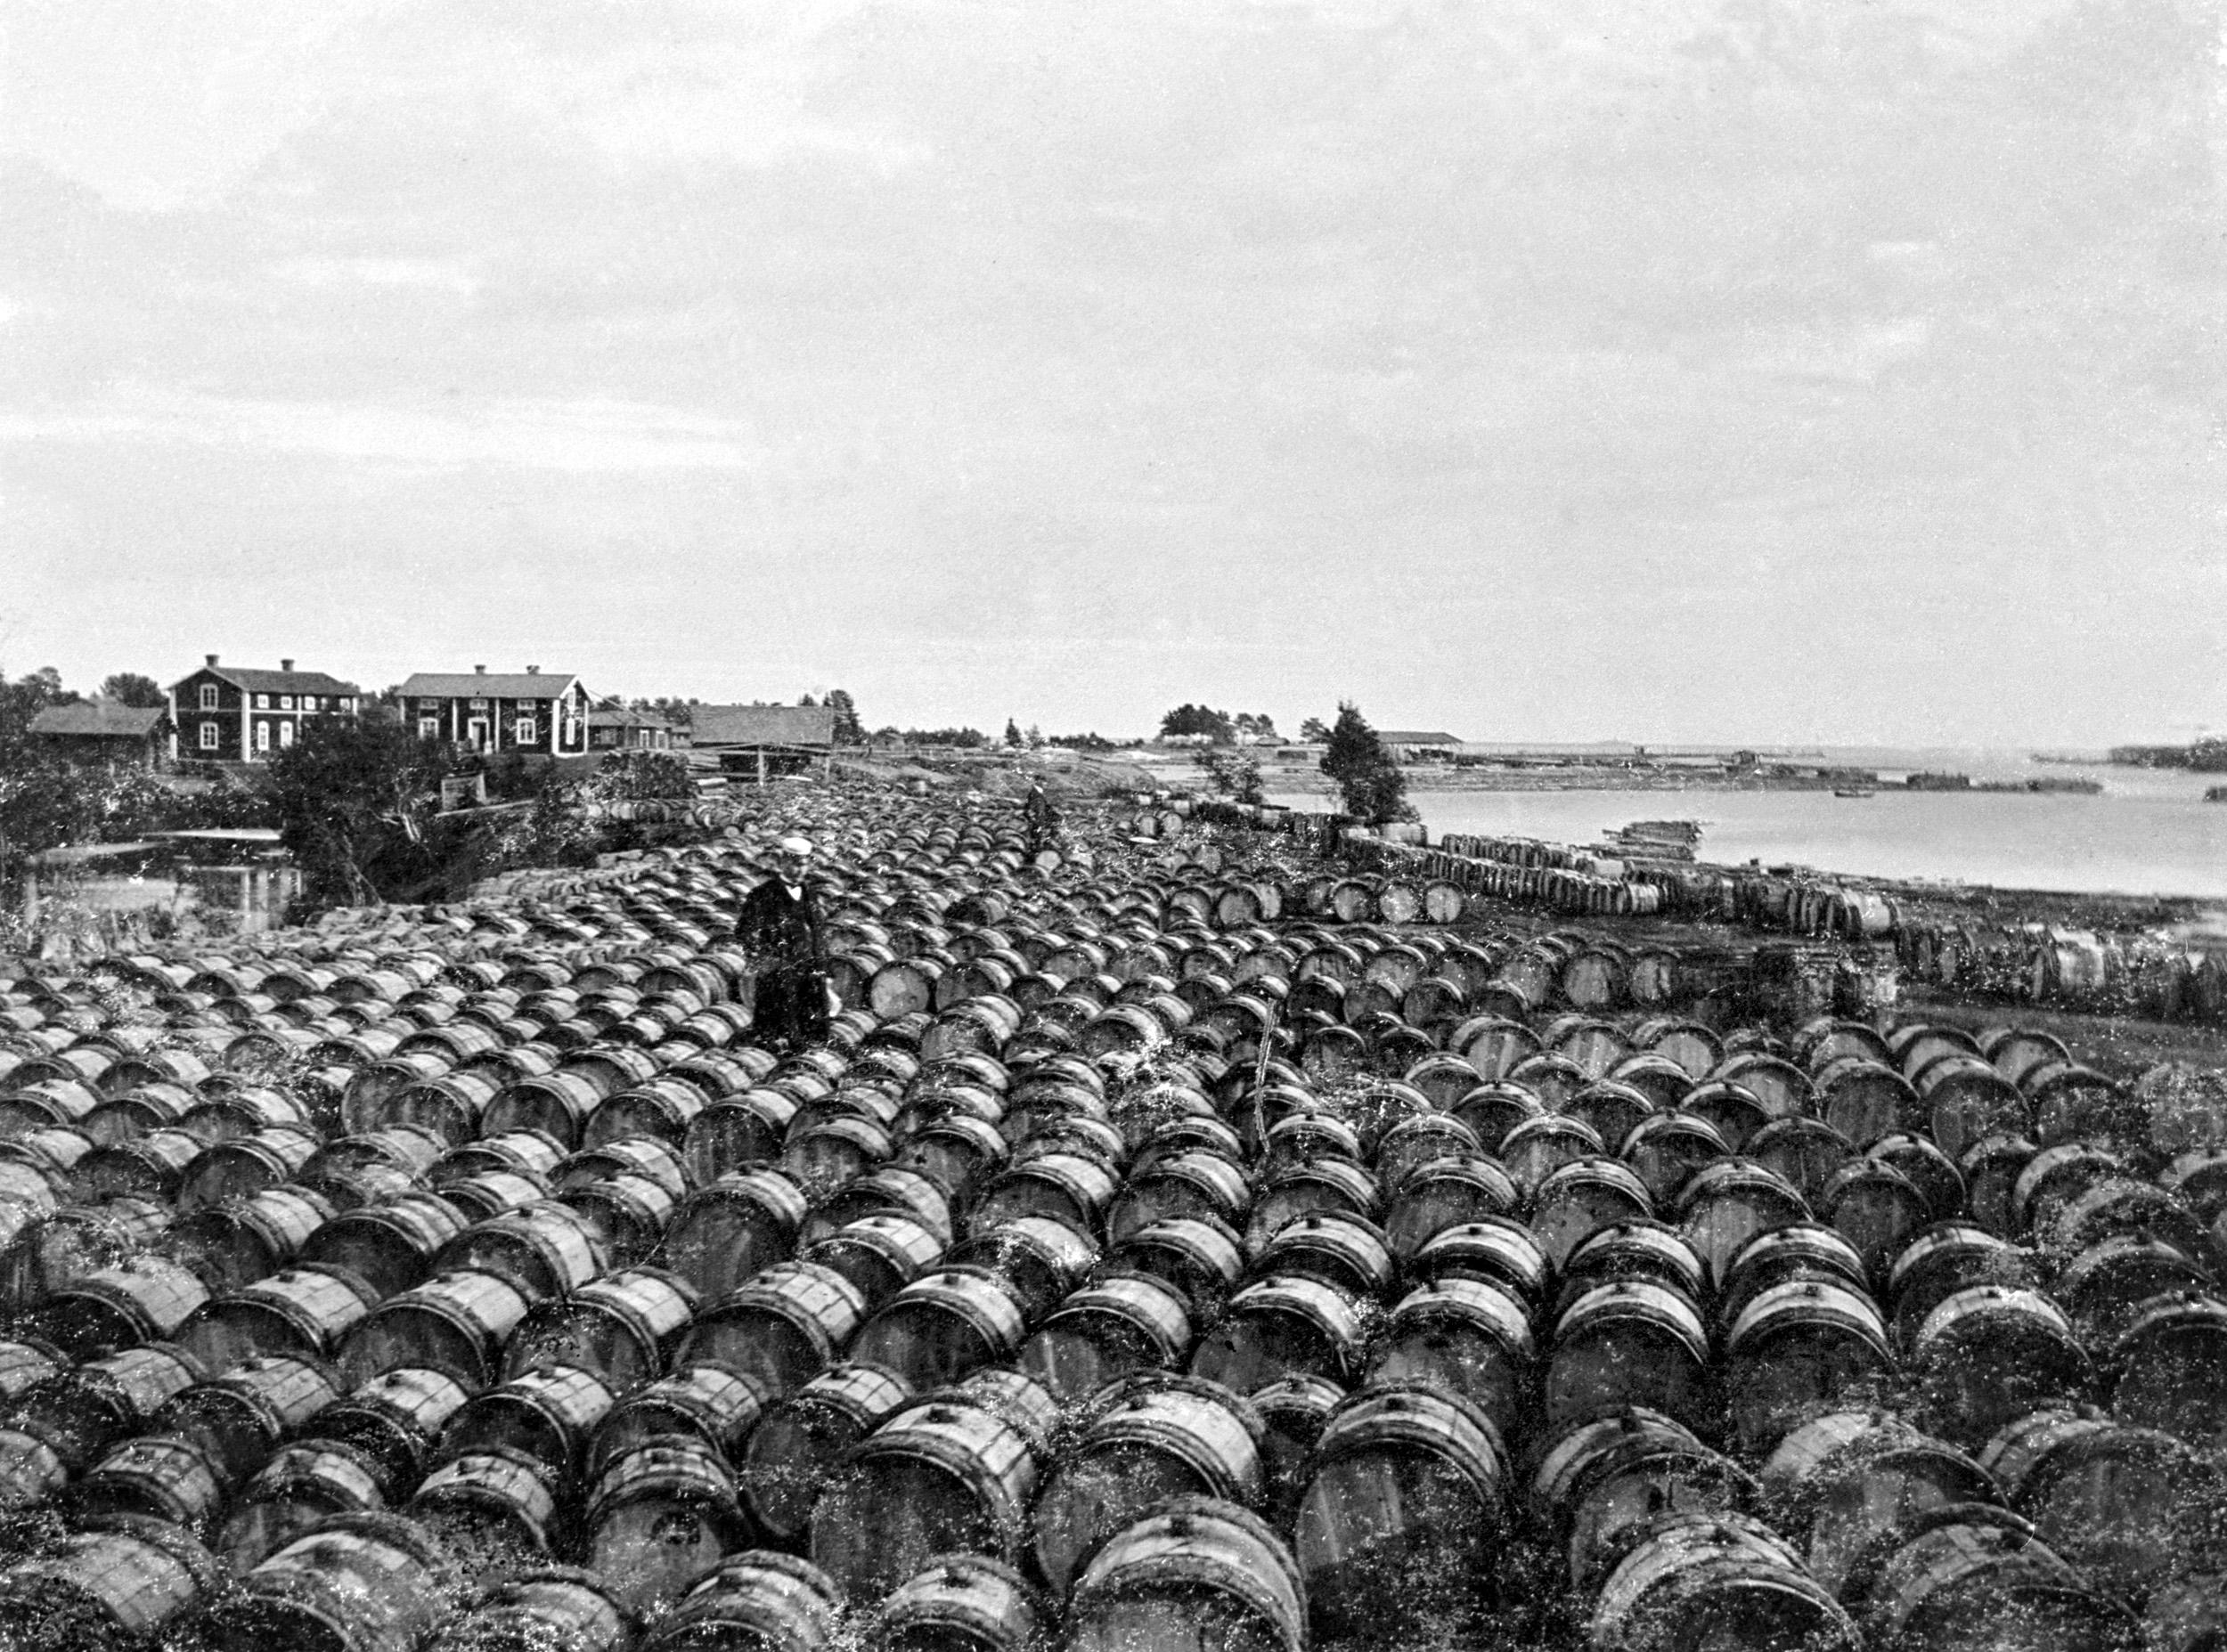 Ca 5000 tjärtunnor på Tjärholmen i Byske, 1905.